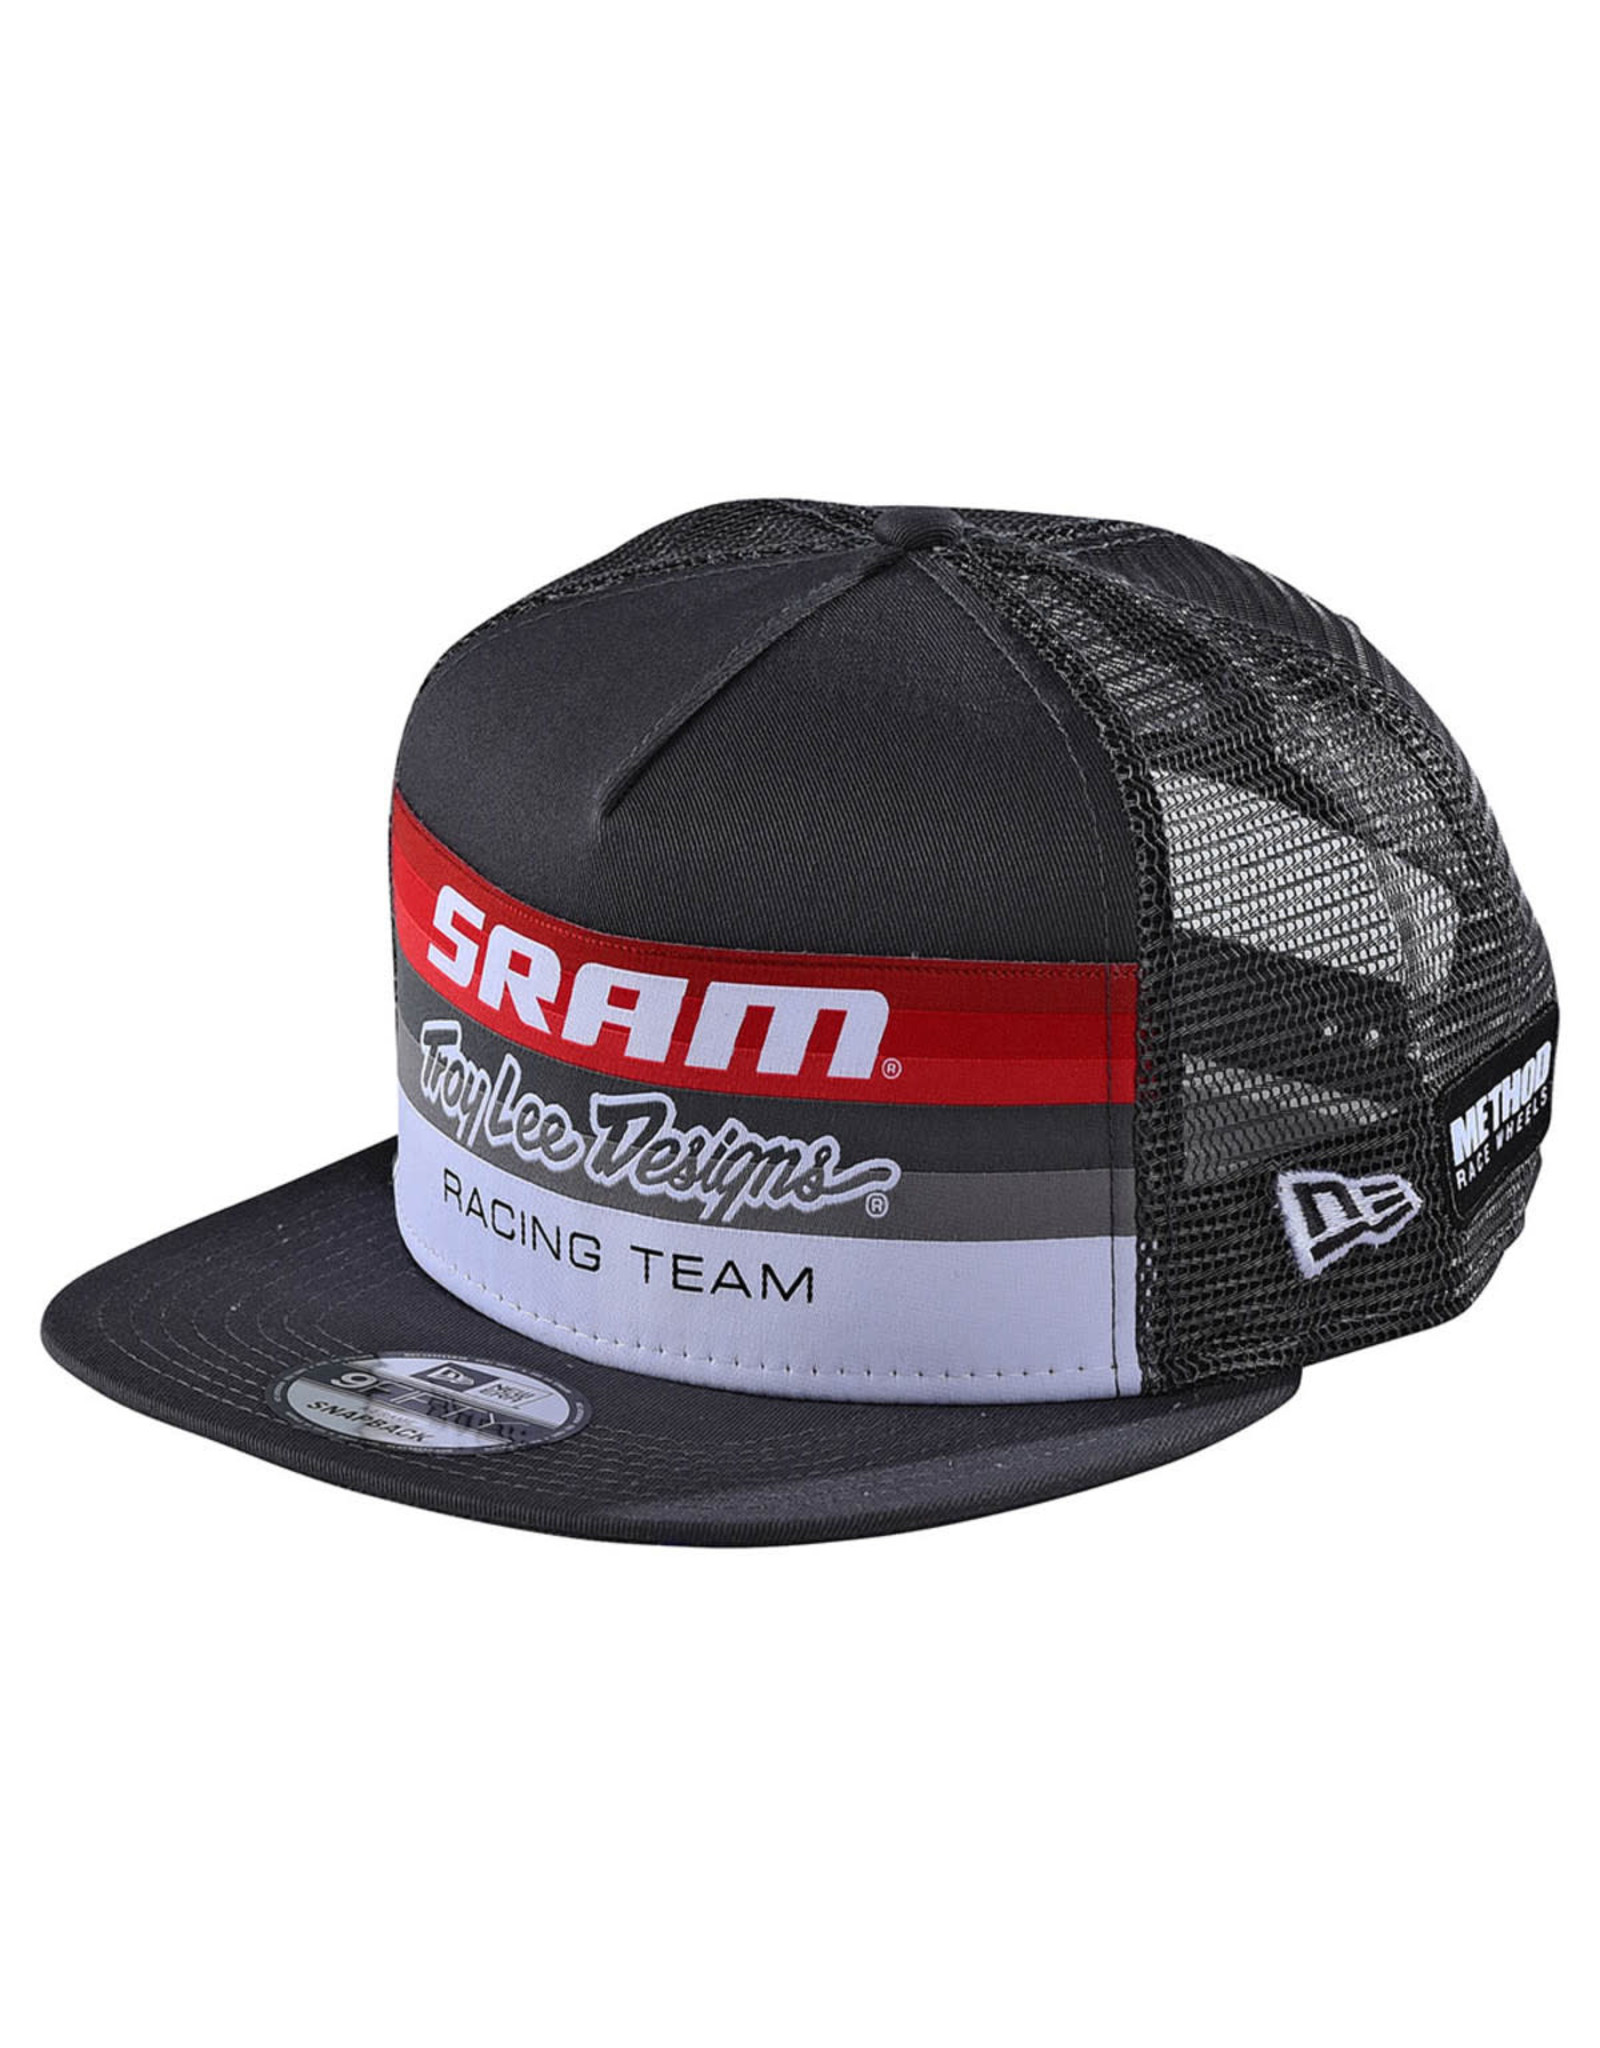 Troy Lee Designs SRAM TLD Racing Block Snapback